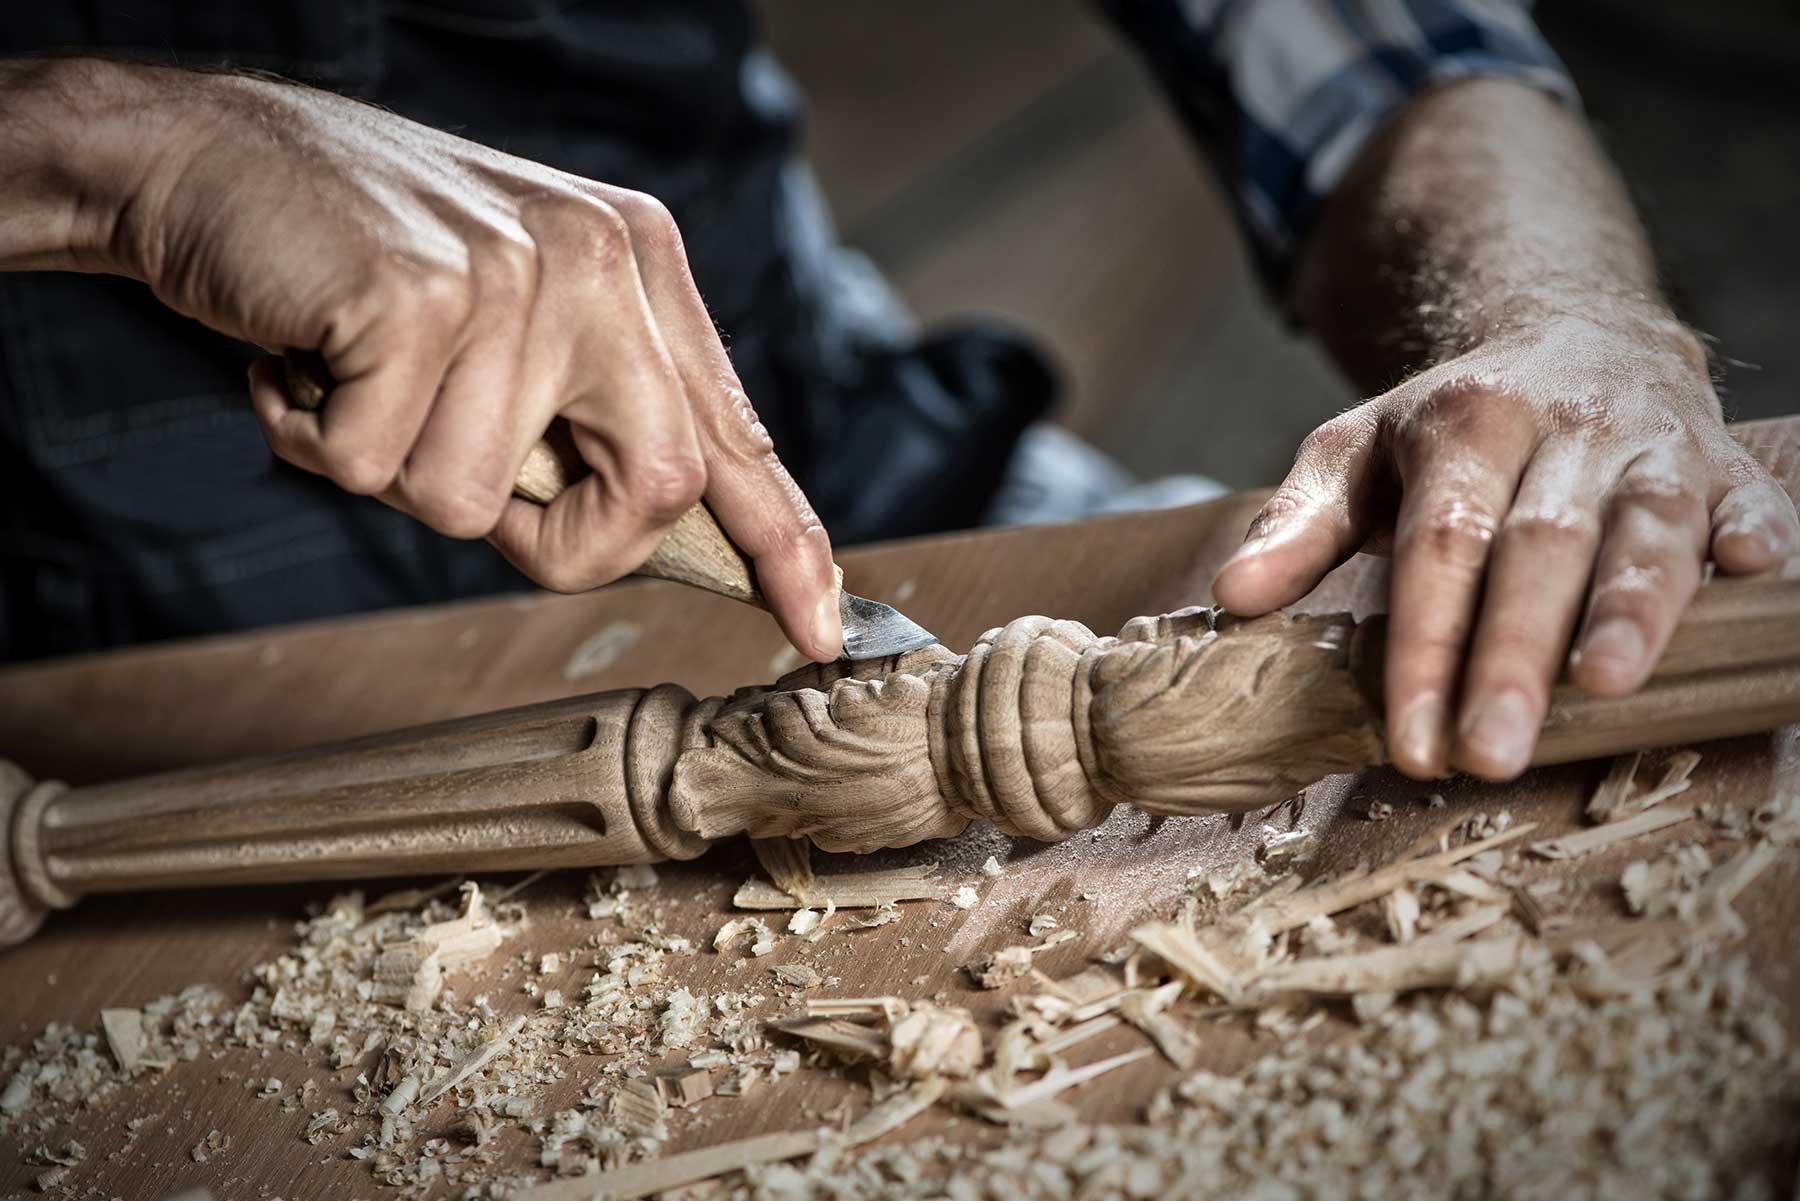 italian_craftsmanship_furniture_tradition_umbria